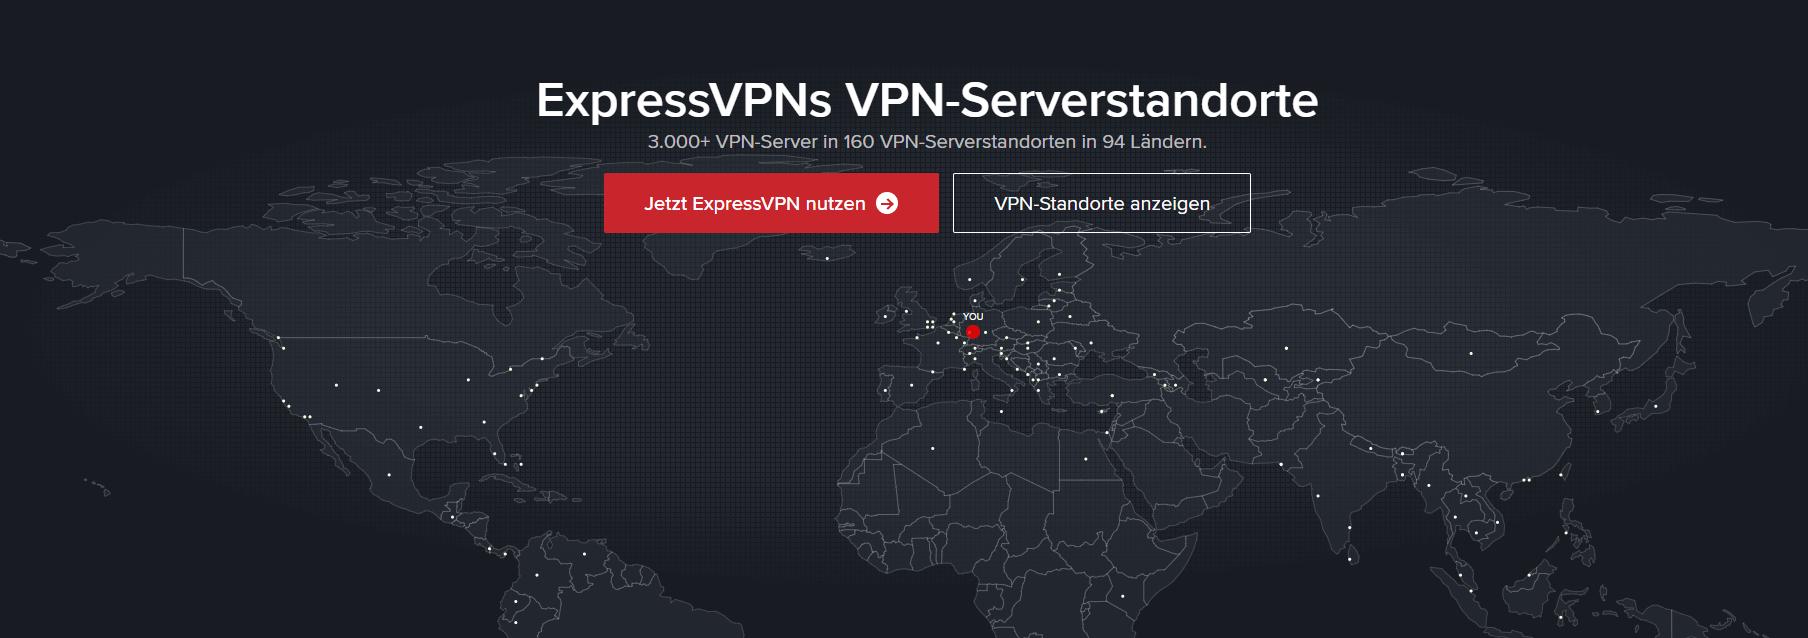 ExpressVPN_Standorte[1]